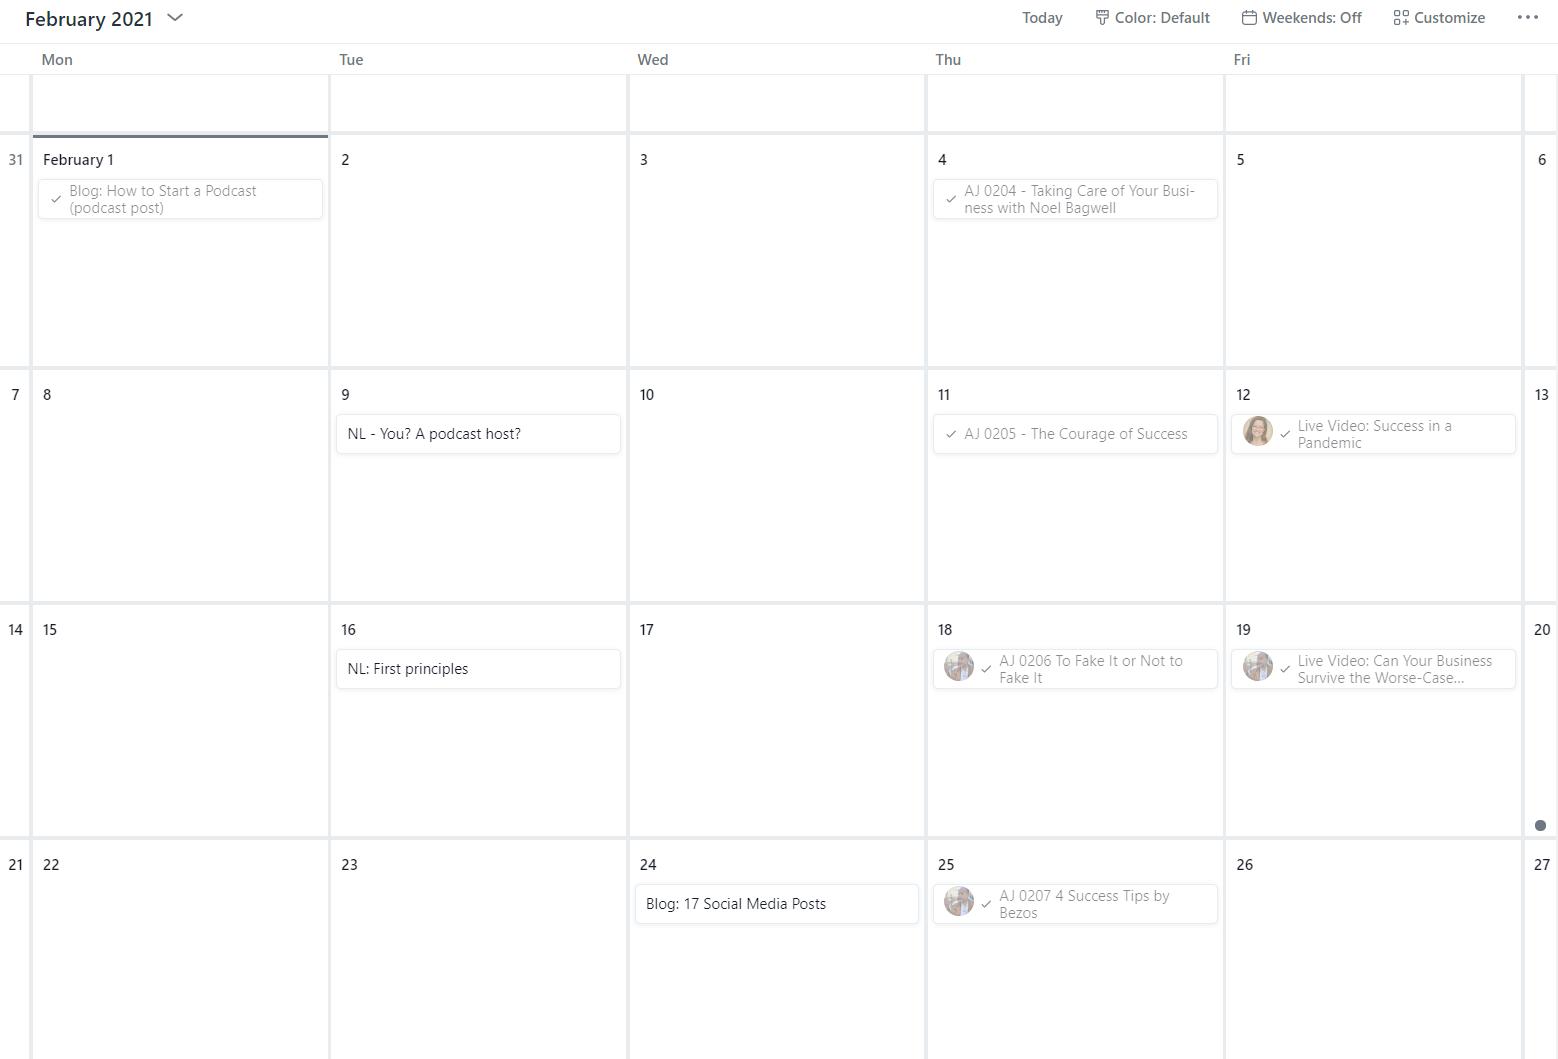 screenshot of an editorial calendar built in Asana